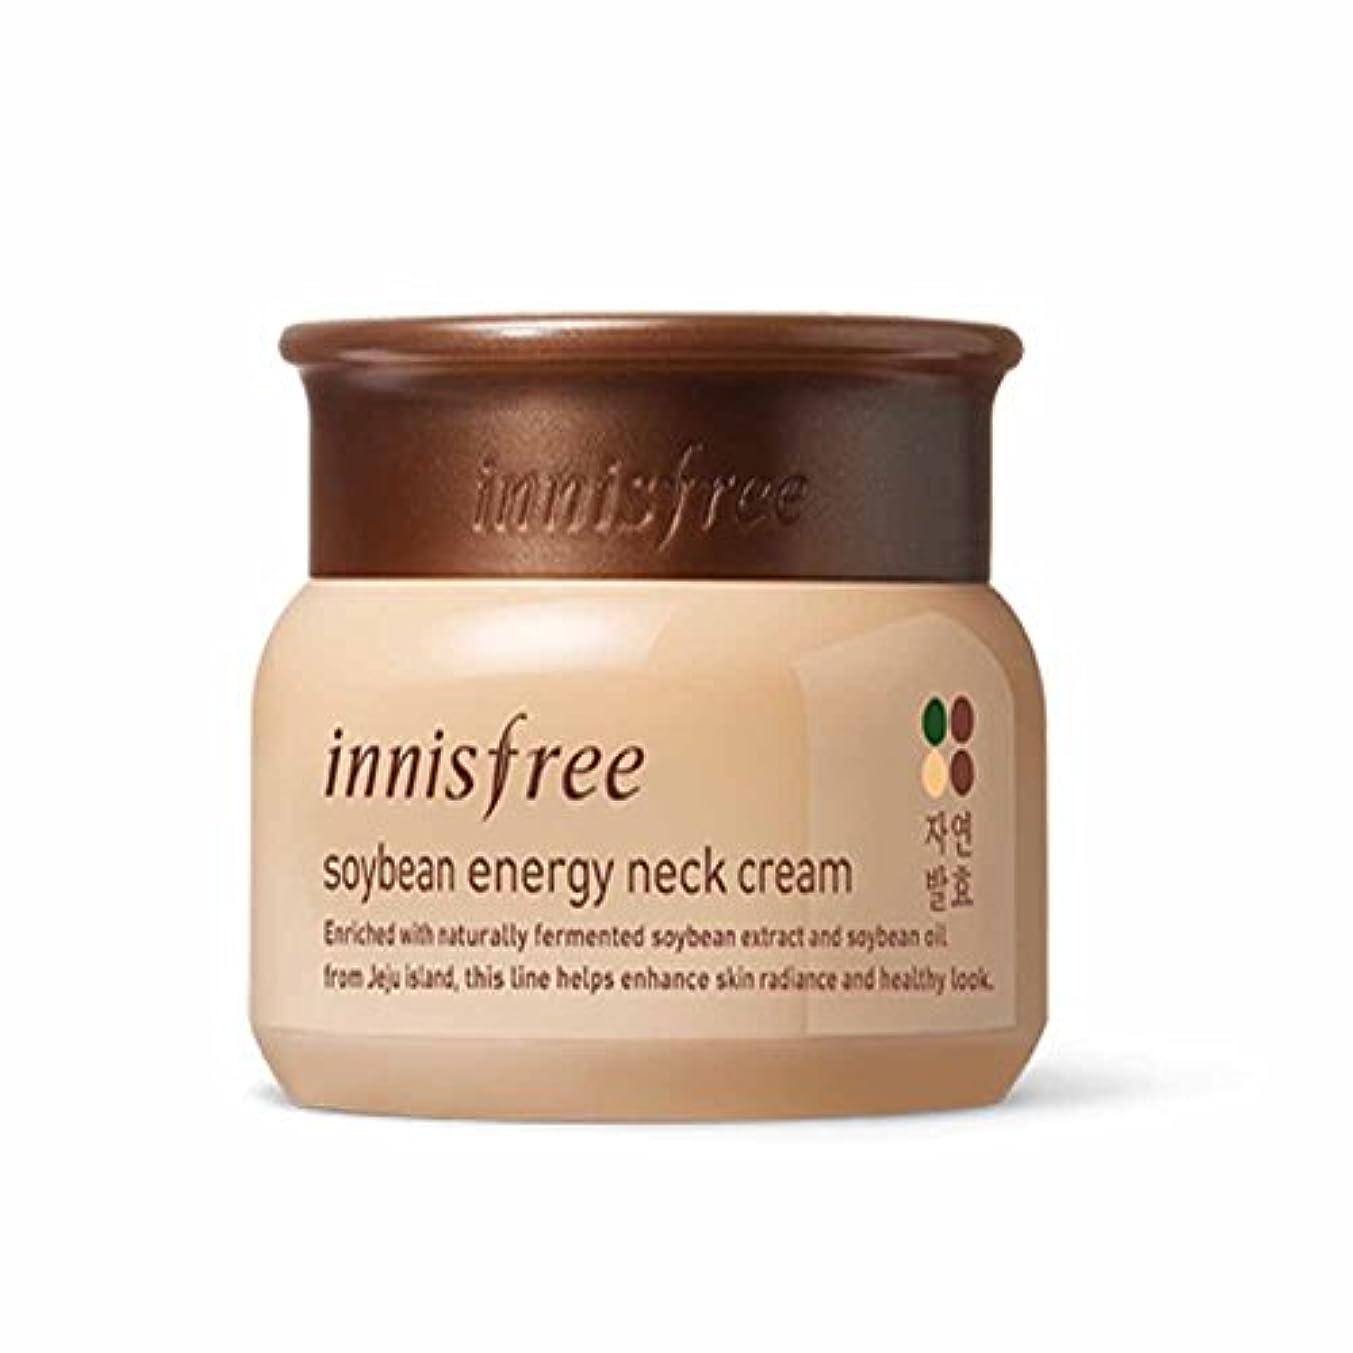 表示フリンジ形容詞イニスフリーソーイングエナジーネッククリーム80ml / Innisfree Soybean Energy Neck Cream 80ml[海外直送品] [並行輸入品]